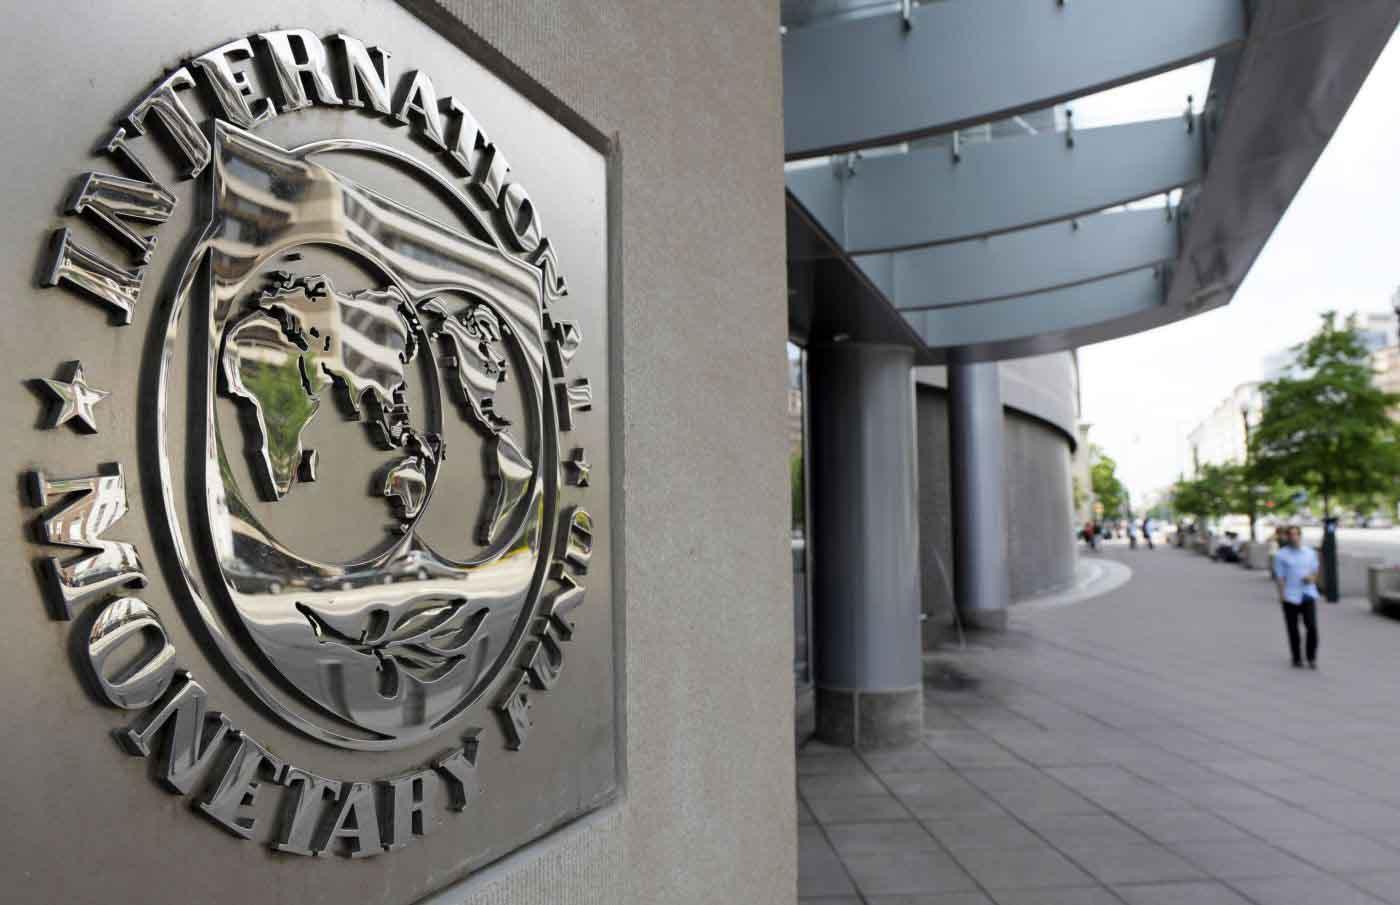 صندوق النقد الدولي يتوقع تراجع النمو العالمي ويحذر من تداعيات الركود الاقتصادي